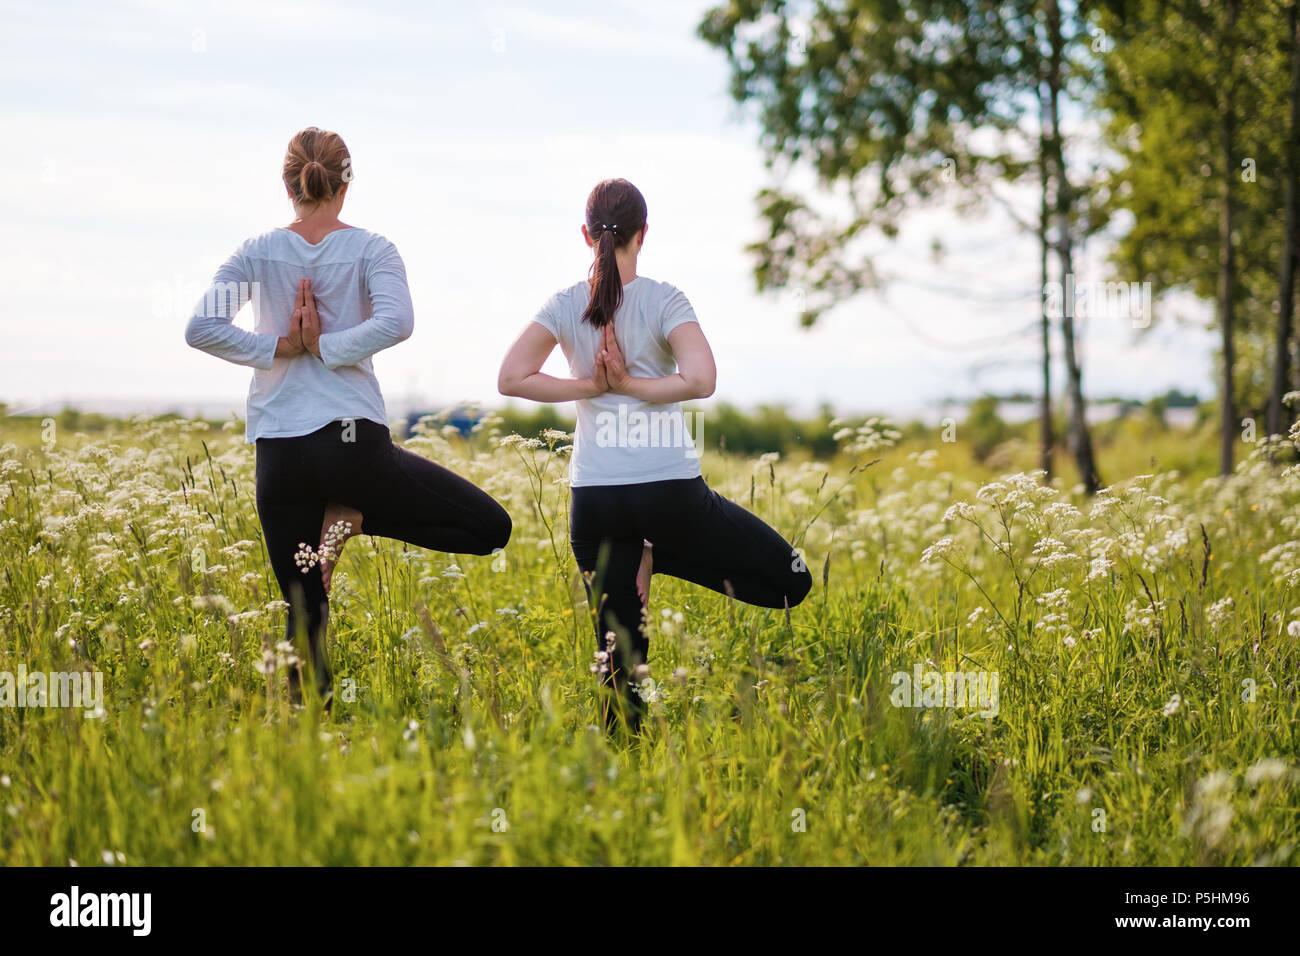 Deux femmes le faire des exercices de yoga, debout sur une jambe à l'extérieur dans le parc de la nature. Photo Stock